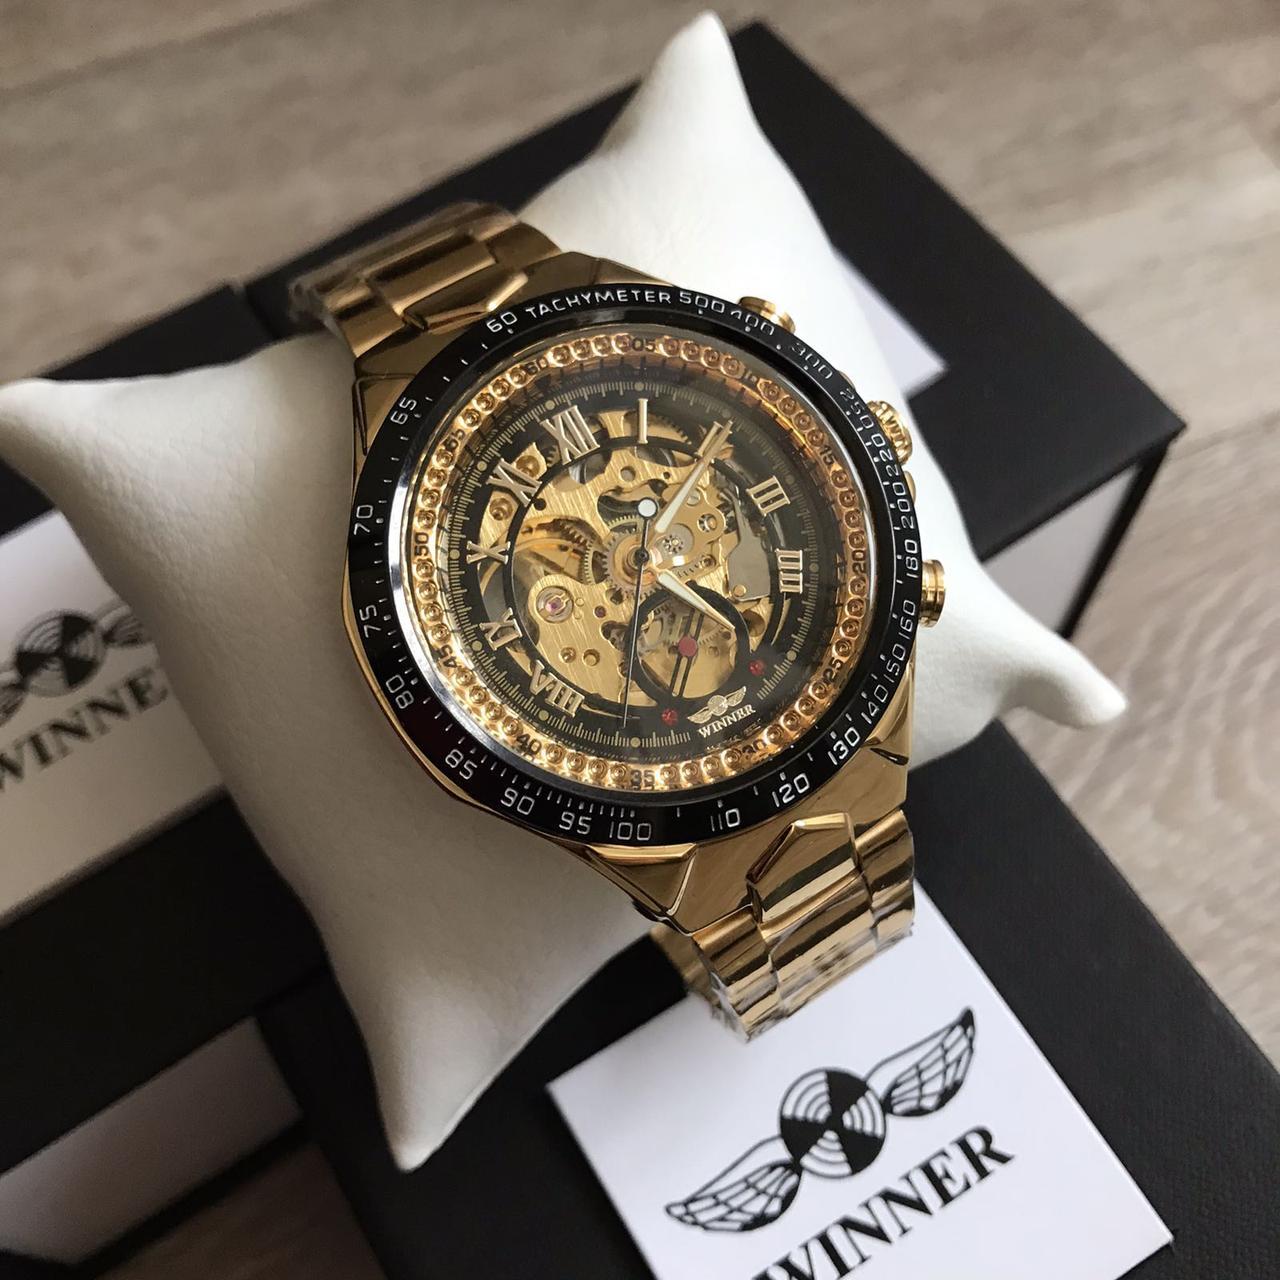 Чоловічий наручний годинник Winner Gold механіка в коробці